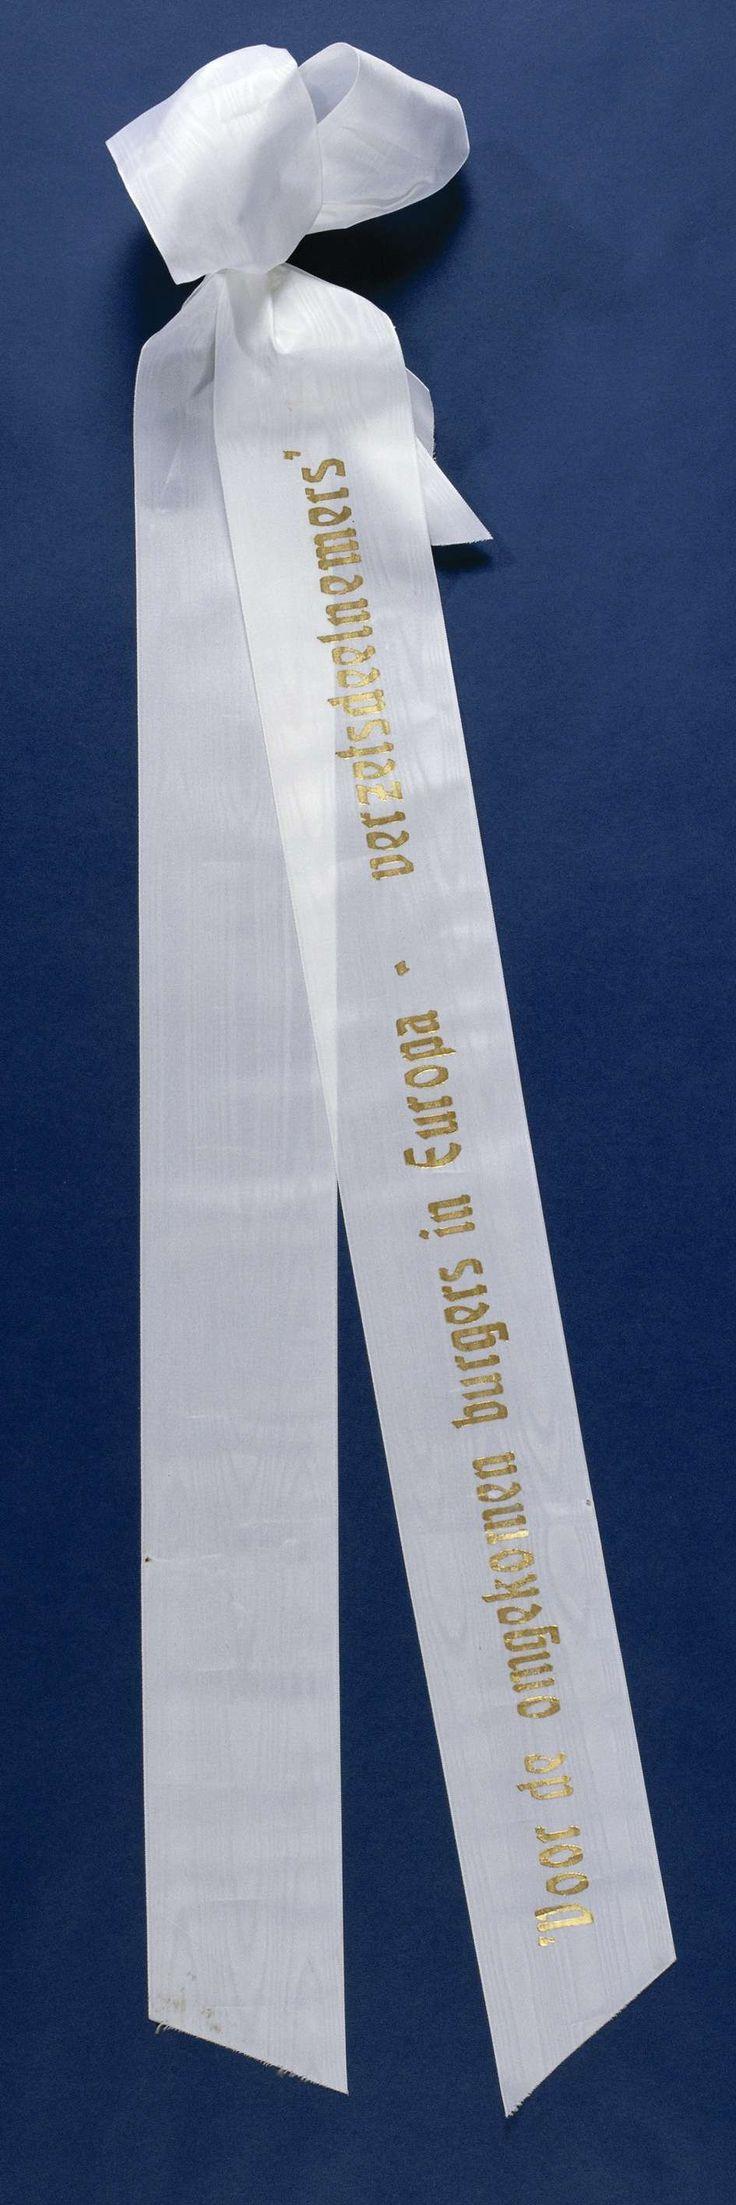 Anonymous | Lint 'Voor de omgekomen burgers in Europa - verzetsdeelnemers', Anonymous, 2000 | Twee aan elkaar gebonden witte linten, gelegd op 4 mei 2000 bij het Nationaal Monument op de Dam. Het bovenste lint is v.z.v. een gouden opdruk. Onderste lint is blanco. Linten zijn aan de uiteinden schuin afgeknipt. Aan een zijde tot strik samengebonden met ijzerdraad. IJzerdraad gebogen t.b.v. bevestiging aan krans.